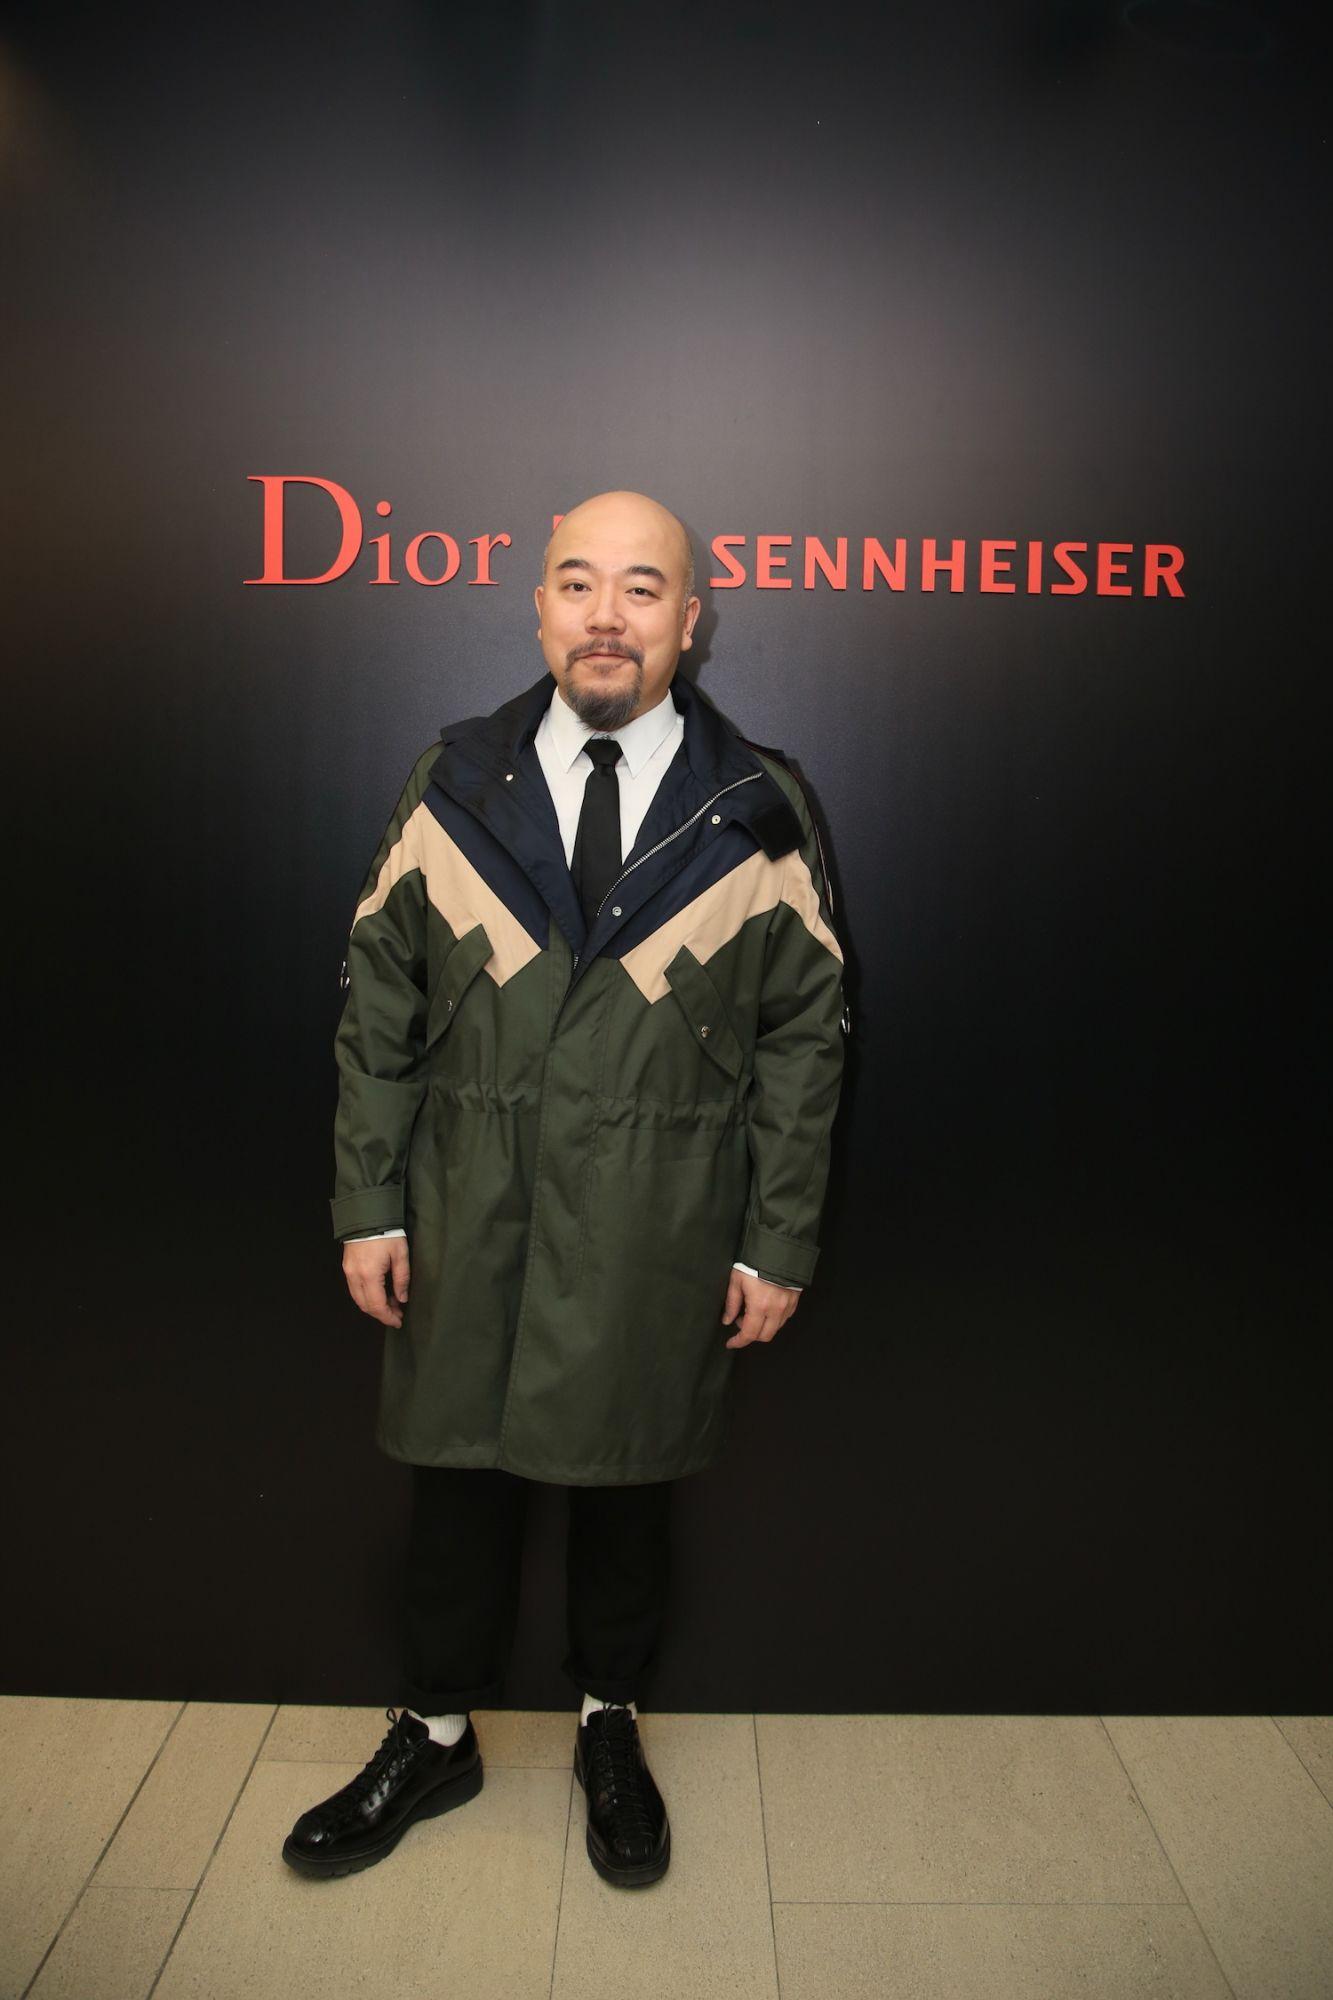 82e0e38905ba Photos  Dior Homme and Sennheiser Launch Party   Landmark